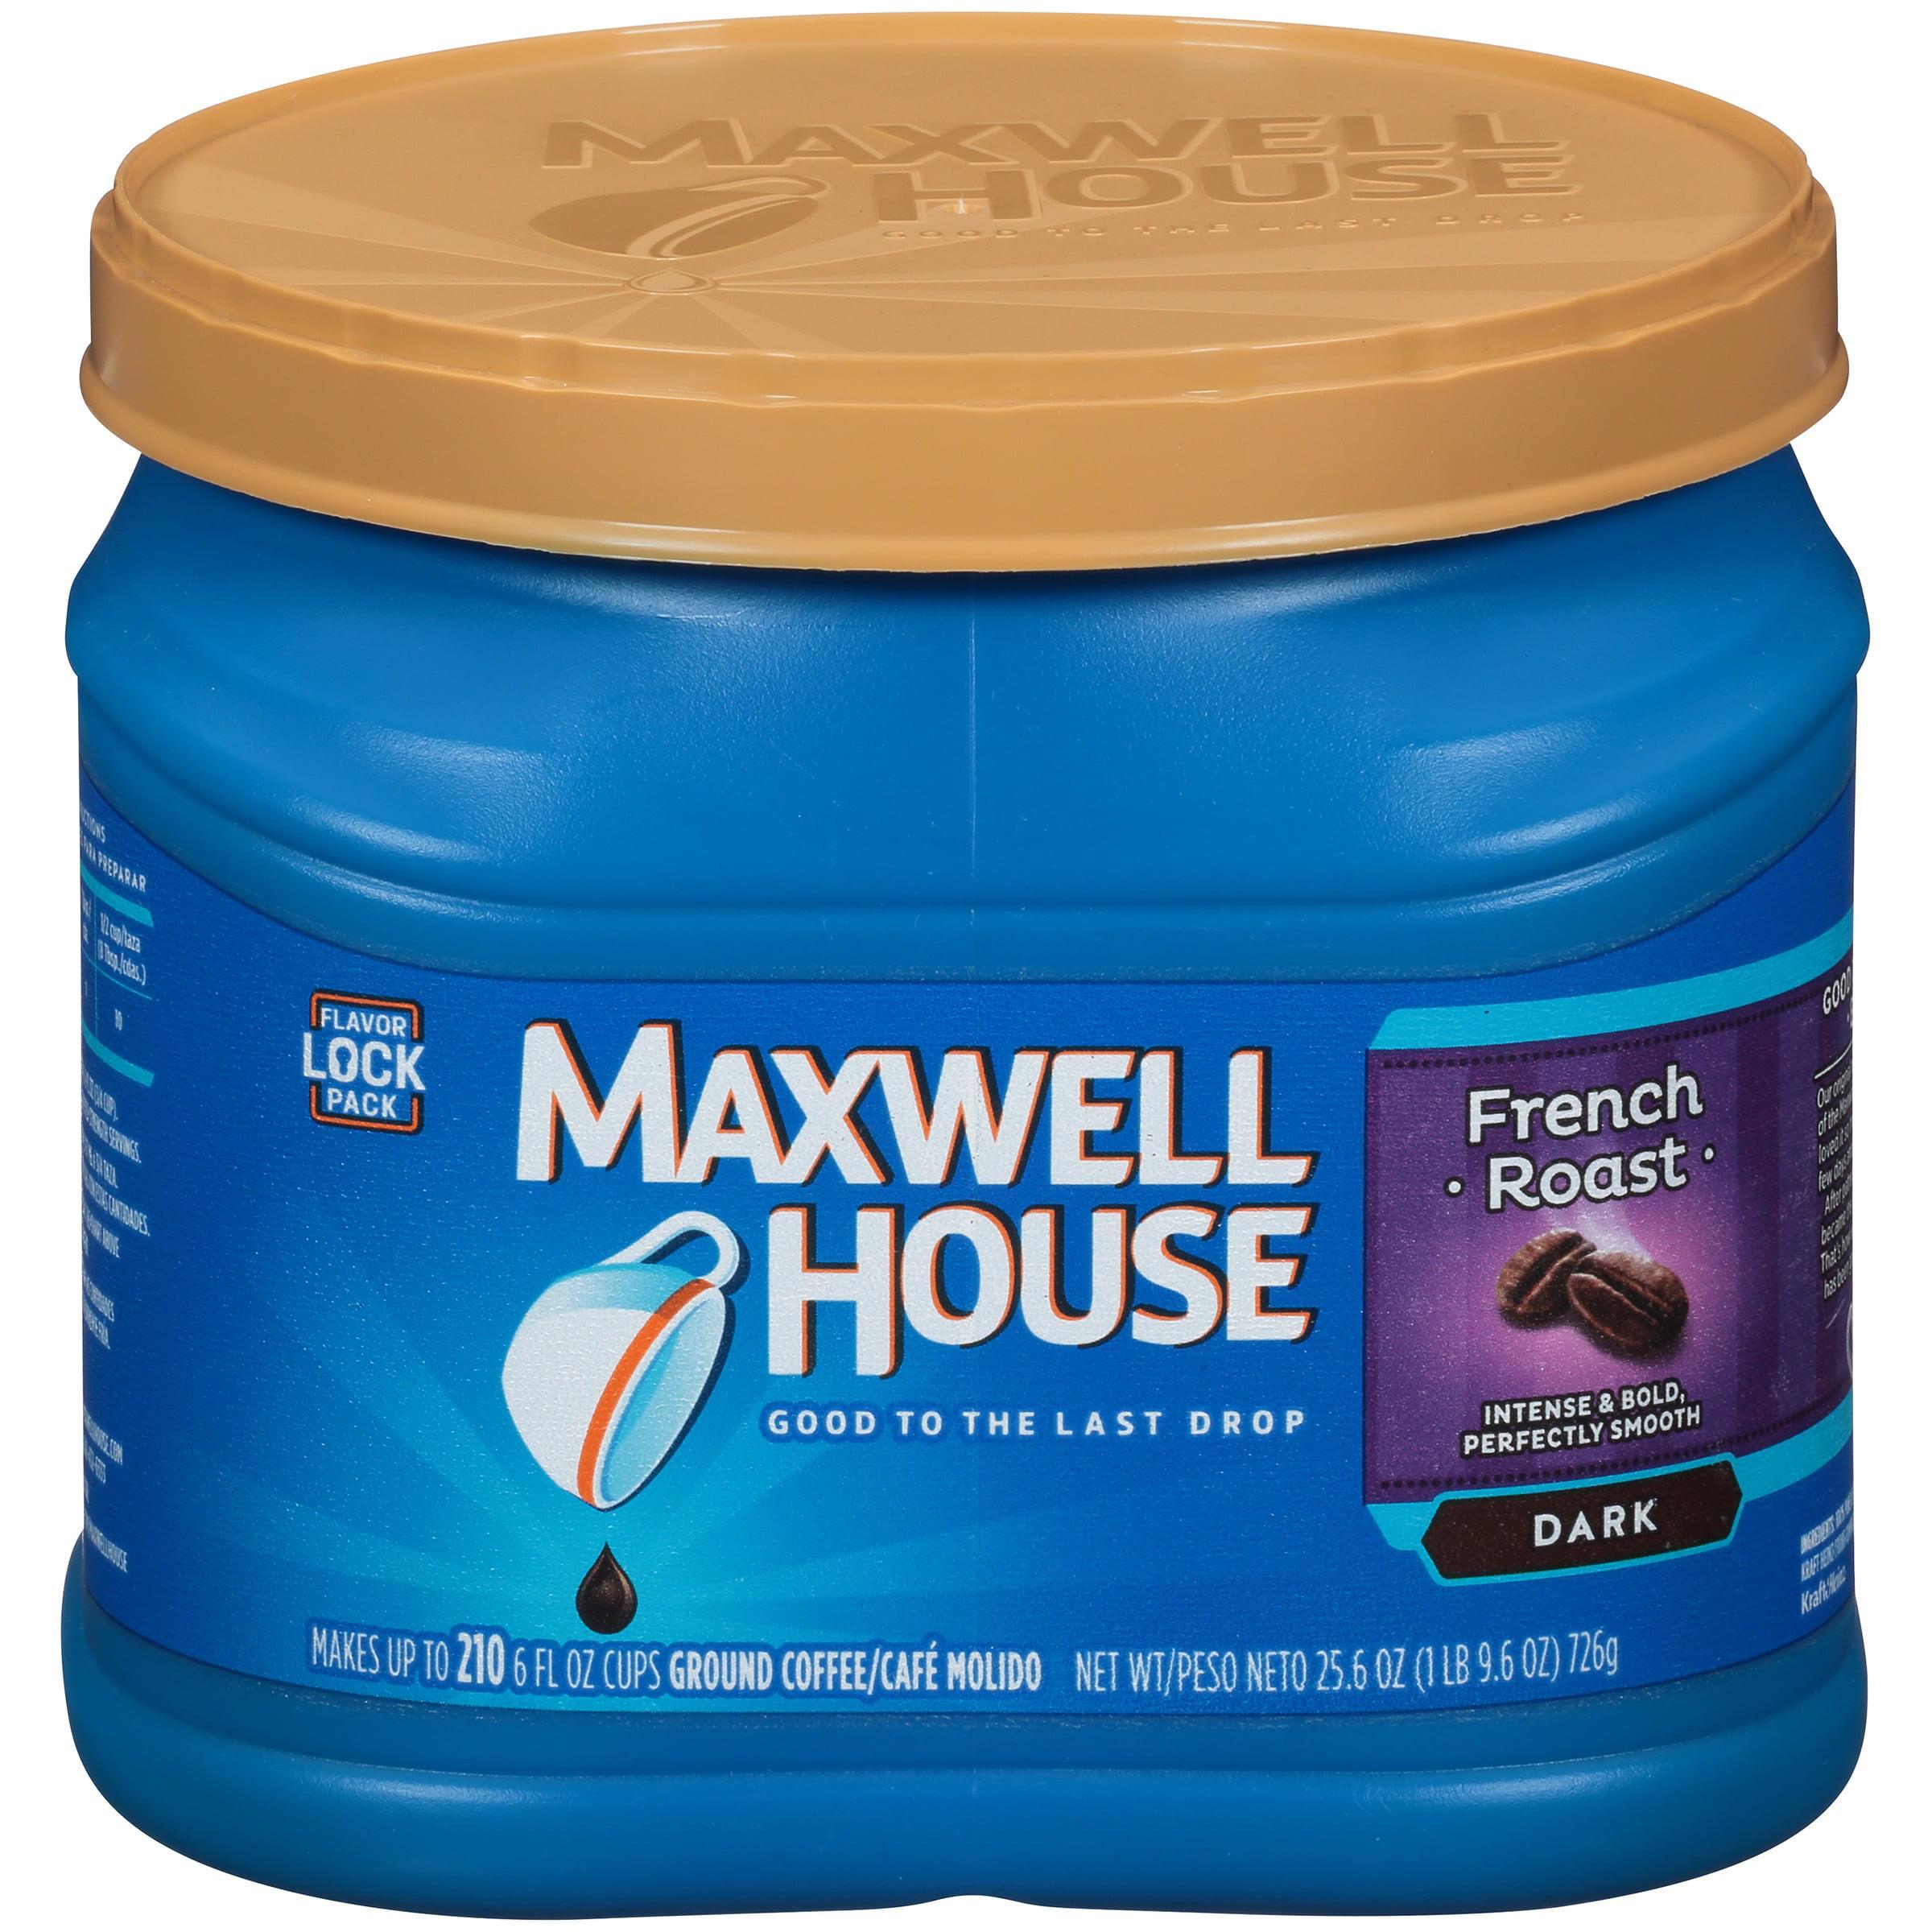 Maxwell House Half Caff Ground Coffee 25.6 oz. Tub - Walmart.com